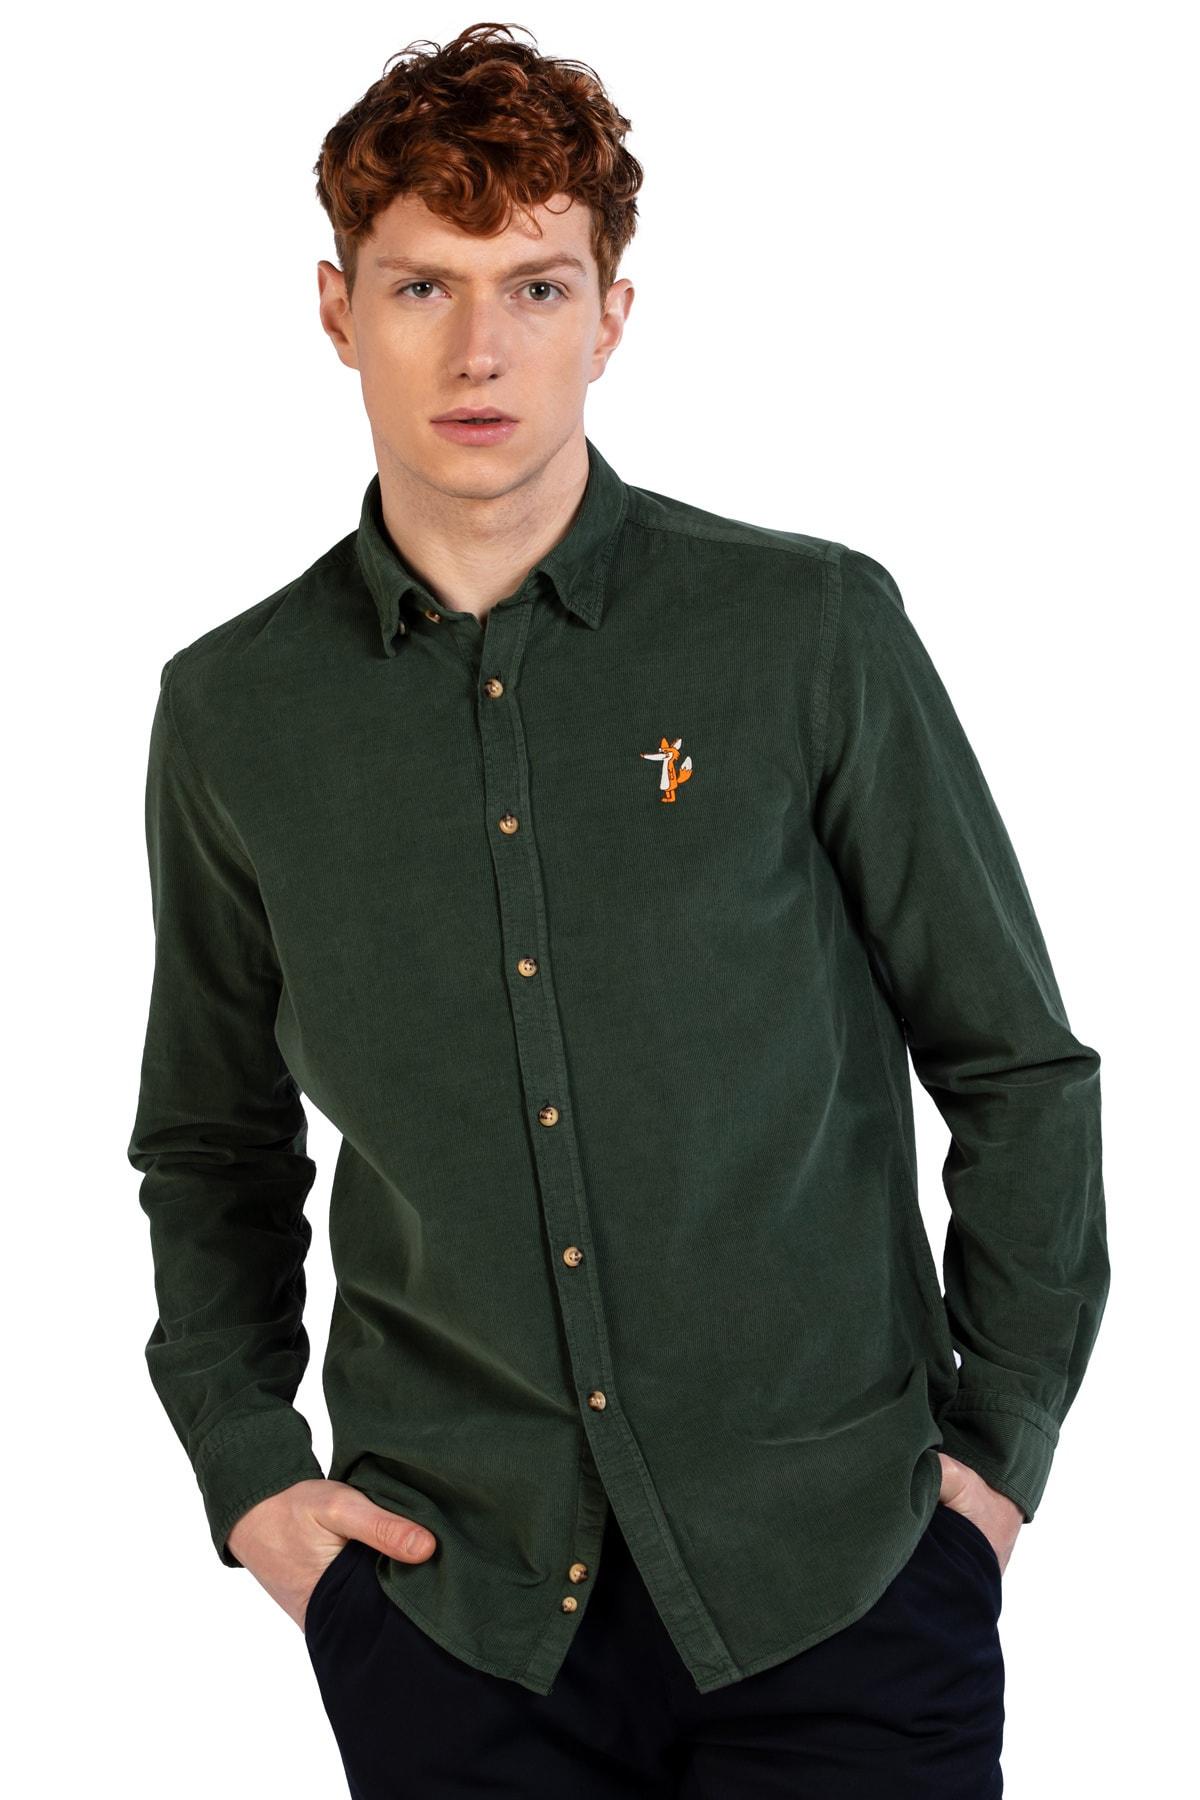 Ruck & Maul Erkek Yeşil Düz Yaka % 100 Pamuk Gömlek Ba1m0200071 21184 1